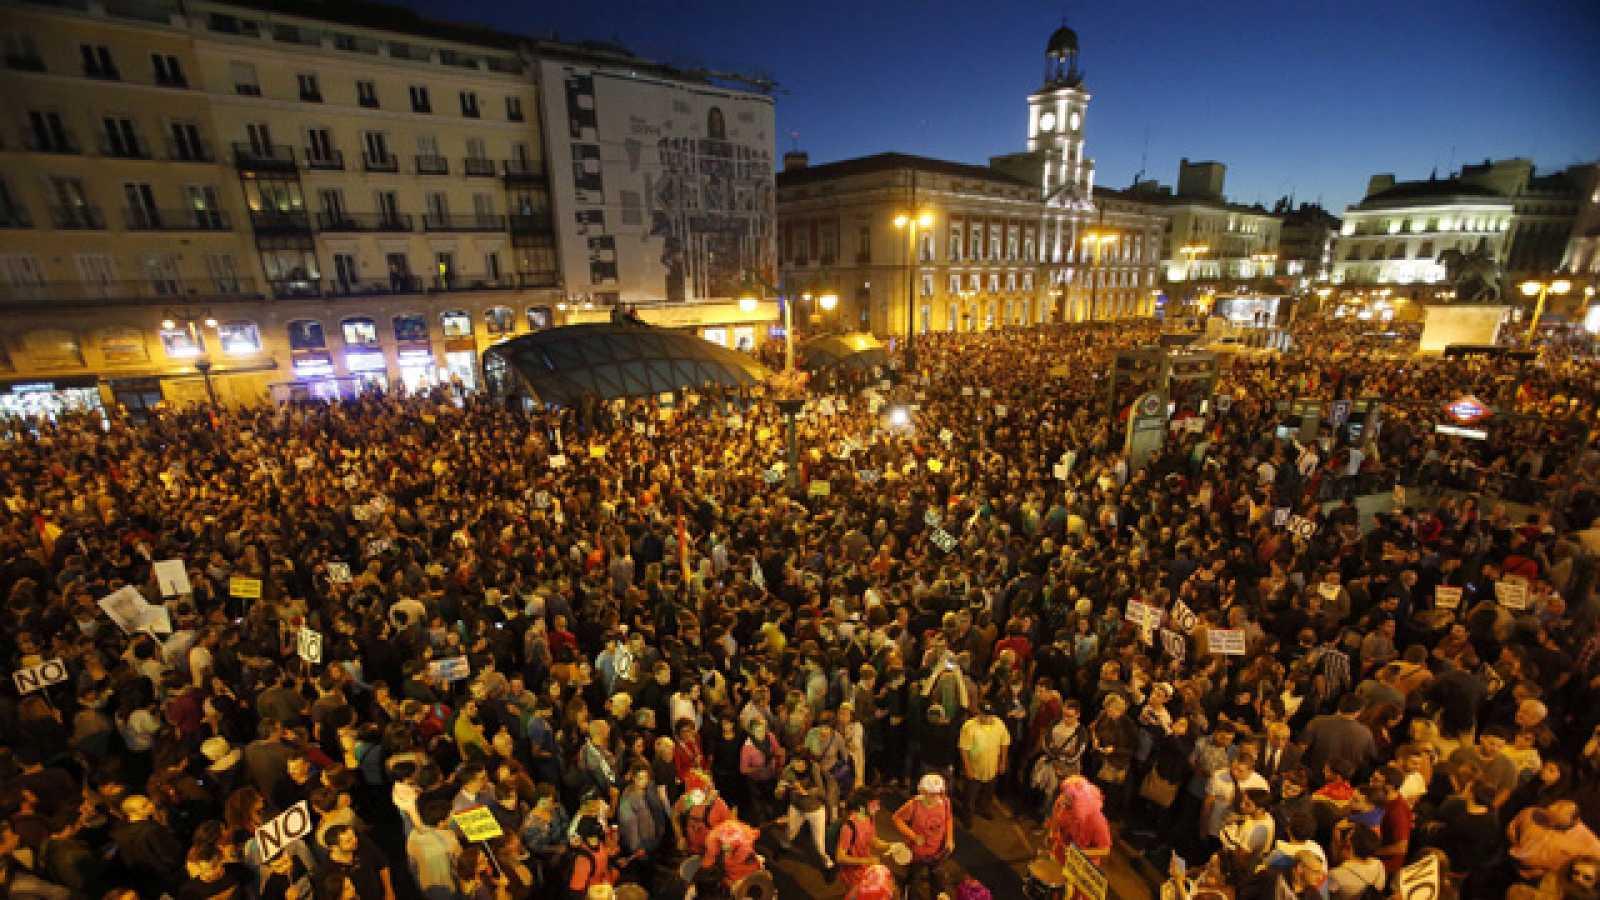 La manifestaci n 39 rodea el congreso 39 re ne a 70 colectivos y miles de personas hasta la puerta - Como llegar a la puerta del sol ...